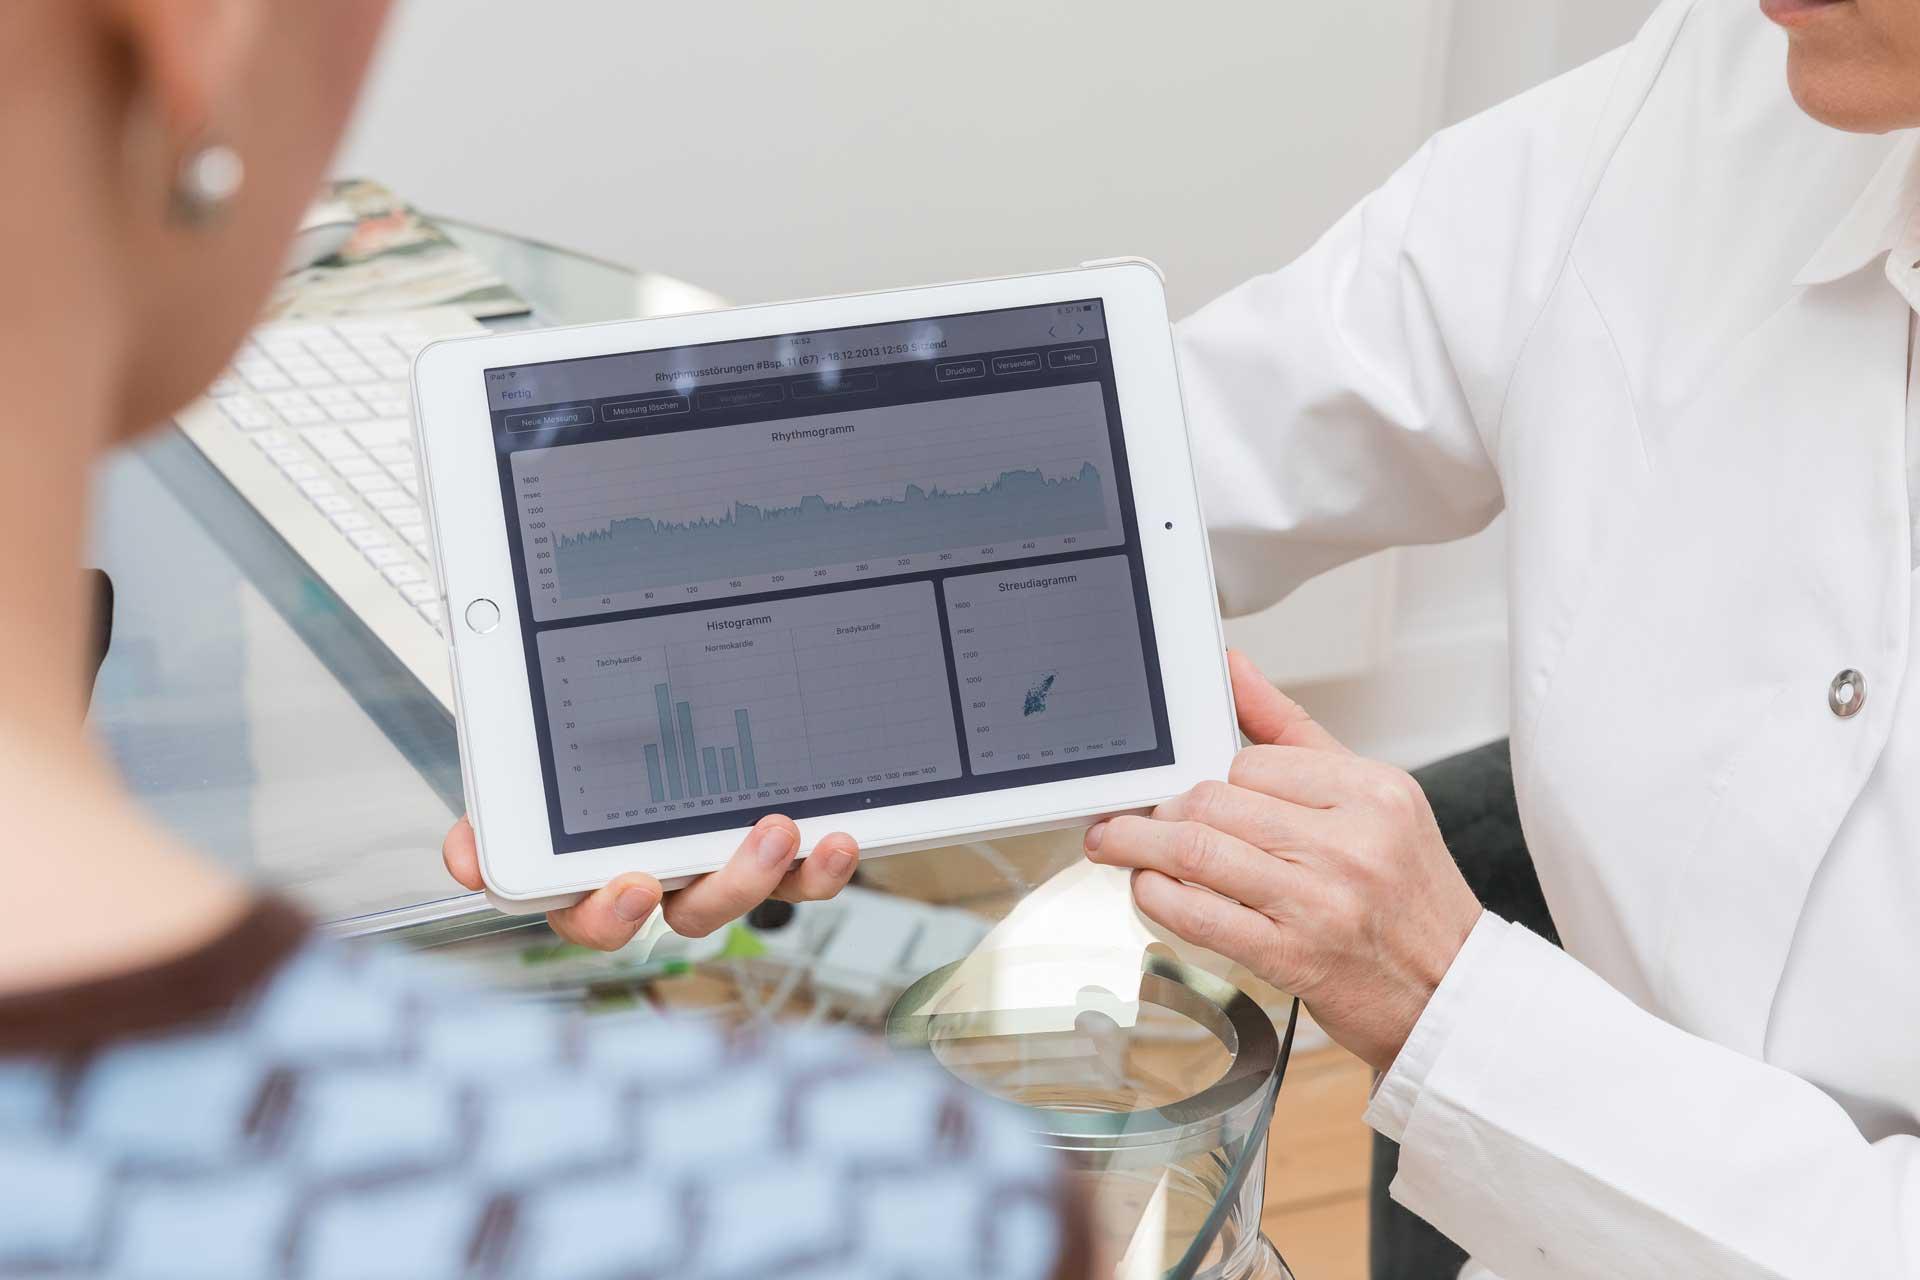 Privatarztpraxis Integrative Medizin – Stress Vorsorgeuntersuchung, Analyse des vegetativen Nervensystem und Anti Aging in Braunschweig.